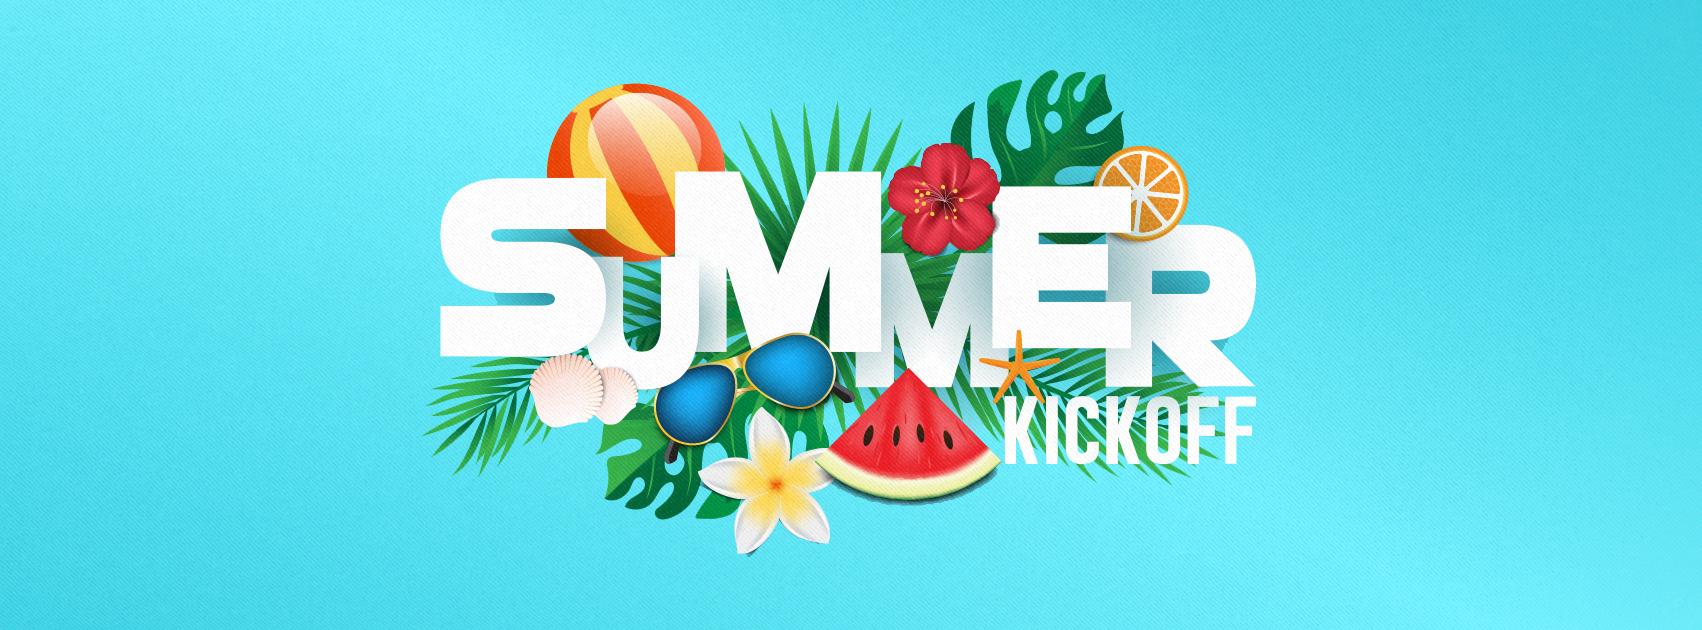 Summer Kickoff FB Cover Photo.jpg